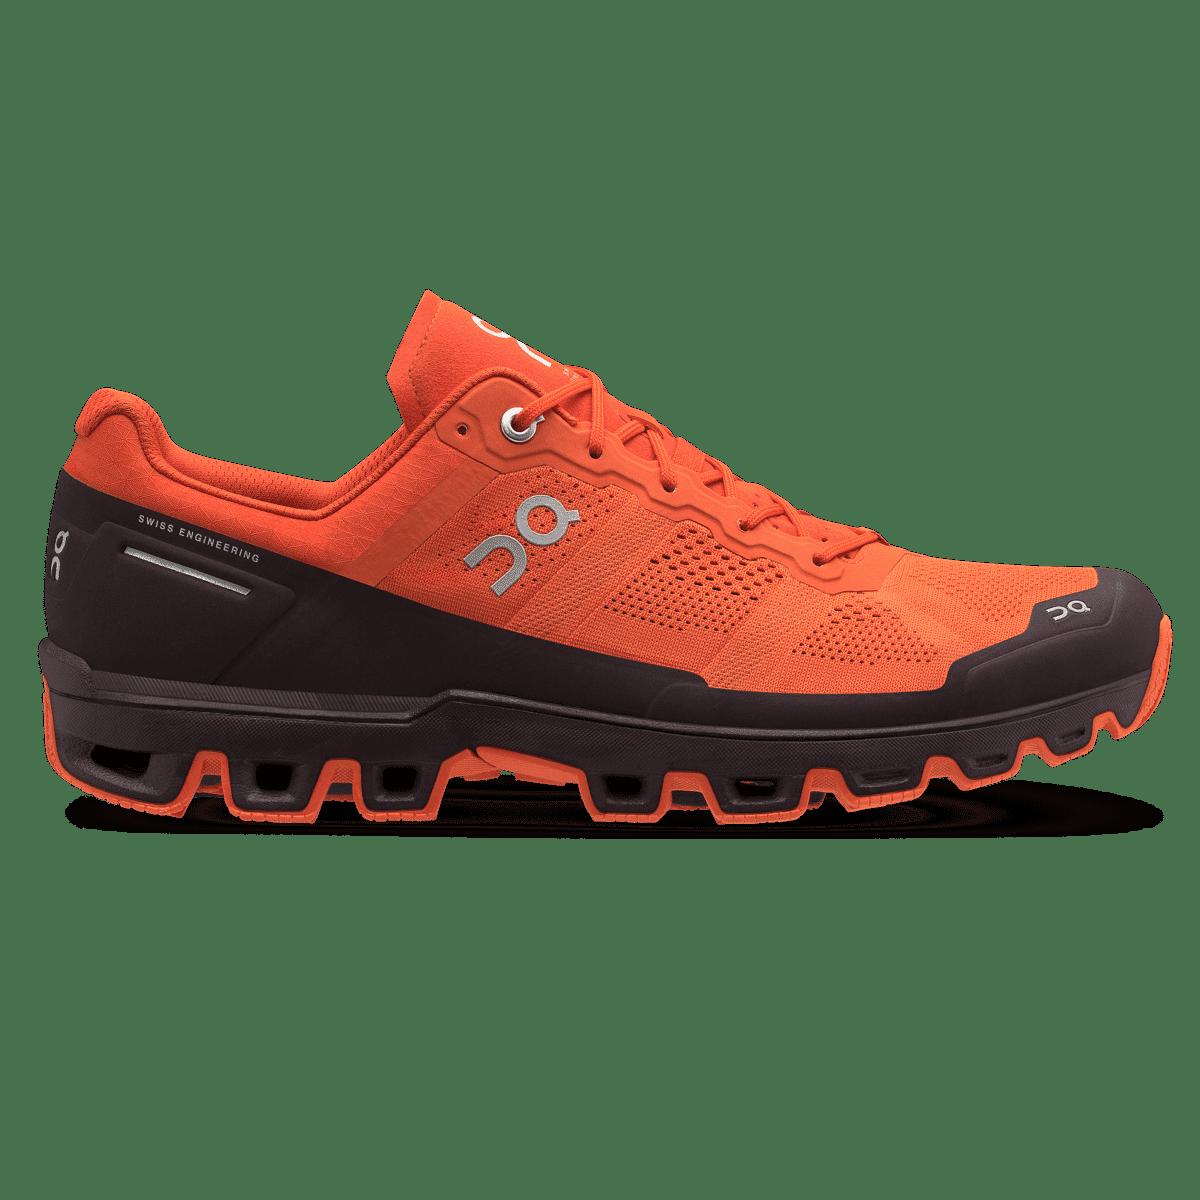 Cloudventure - Leichte Trailrunning Schuhe - Herren   On 528bcb1398